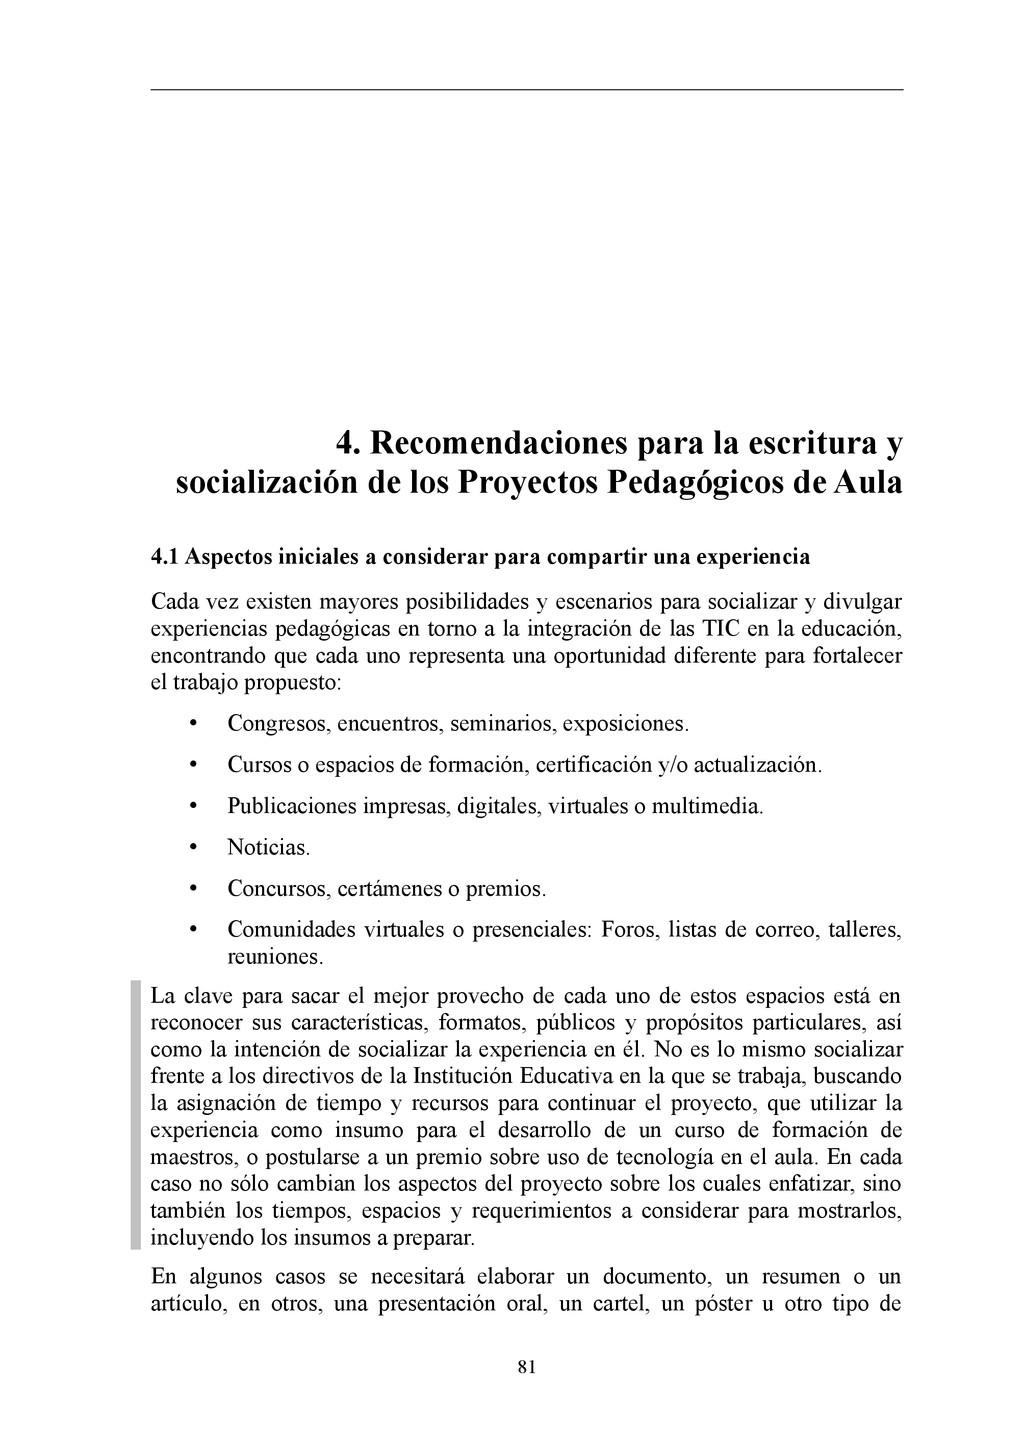 4. Recomendaciones para la escritura y socializ...